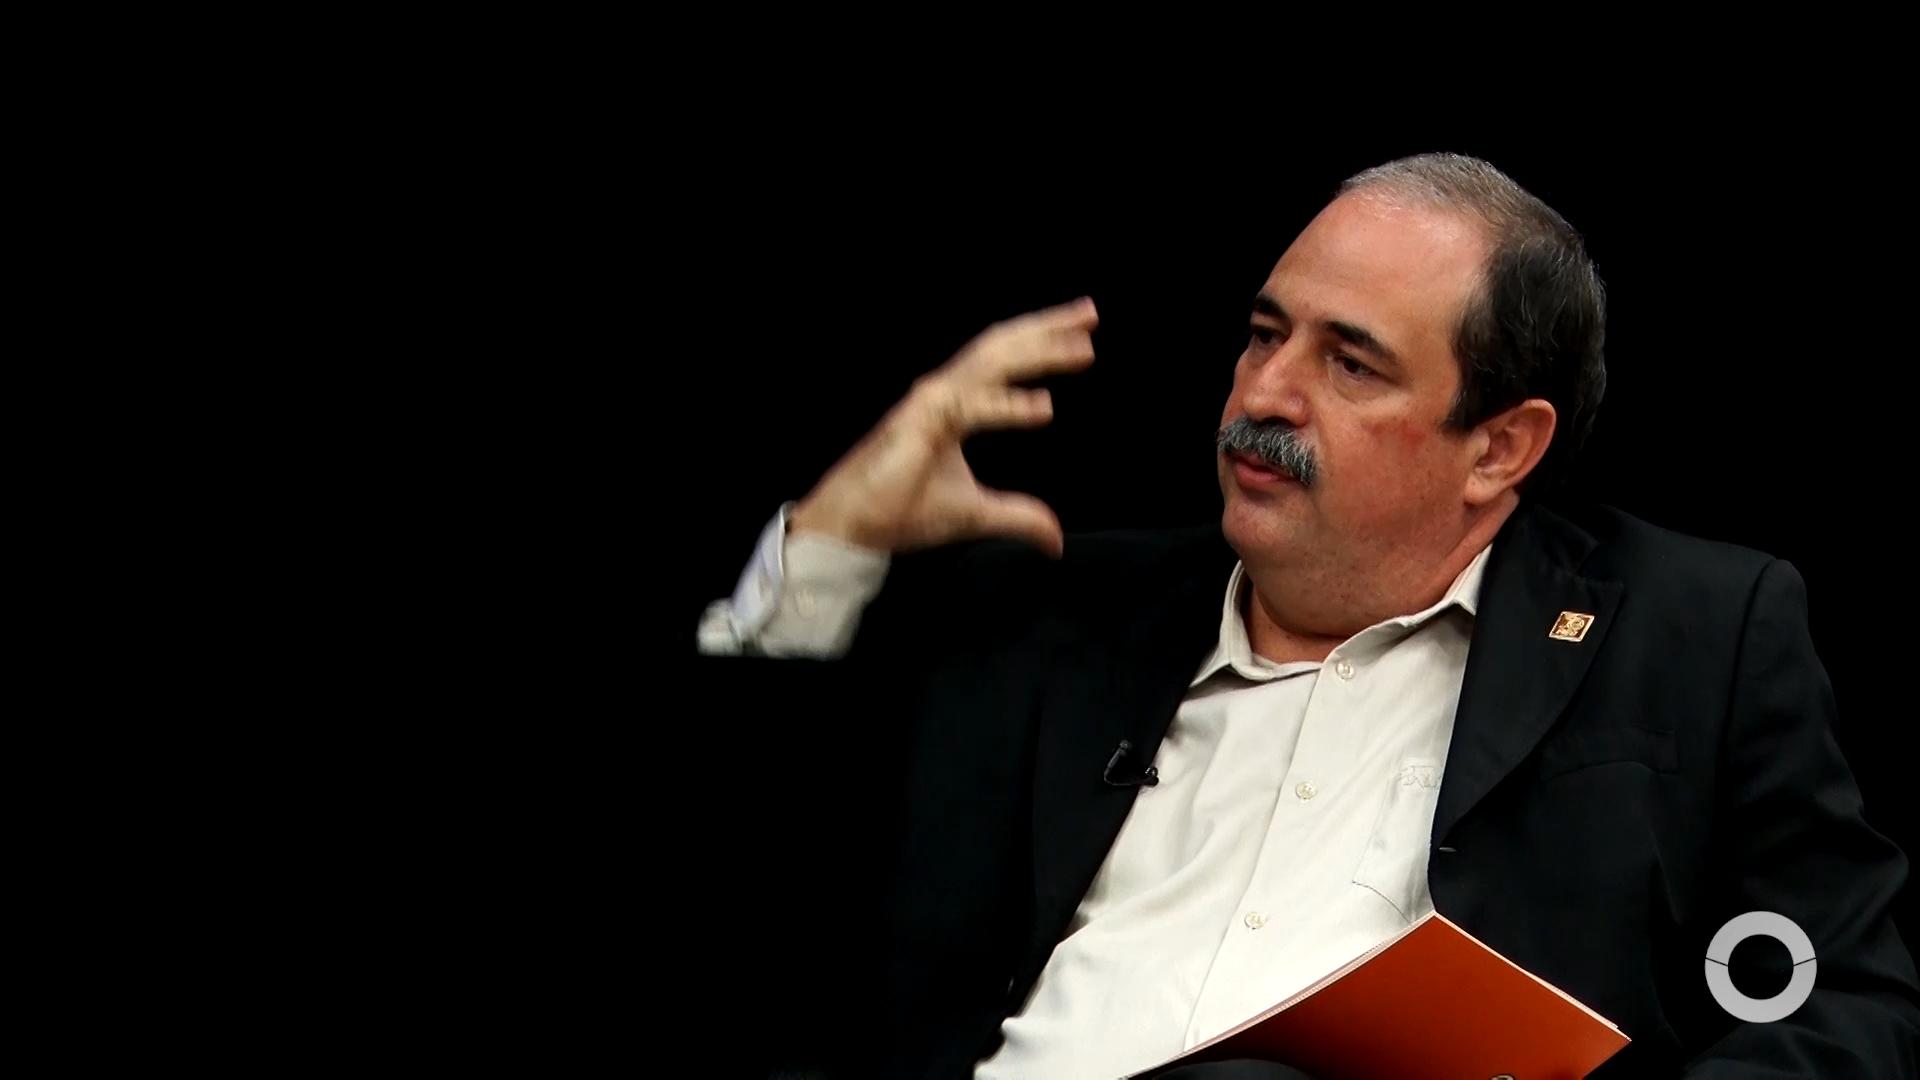 Prêmio Otimista de Inovação entrevista Diretor do SENAI Ceará, Paulo André Holanda